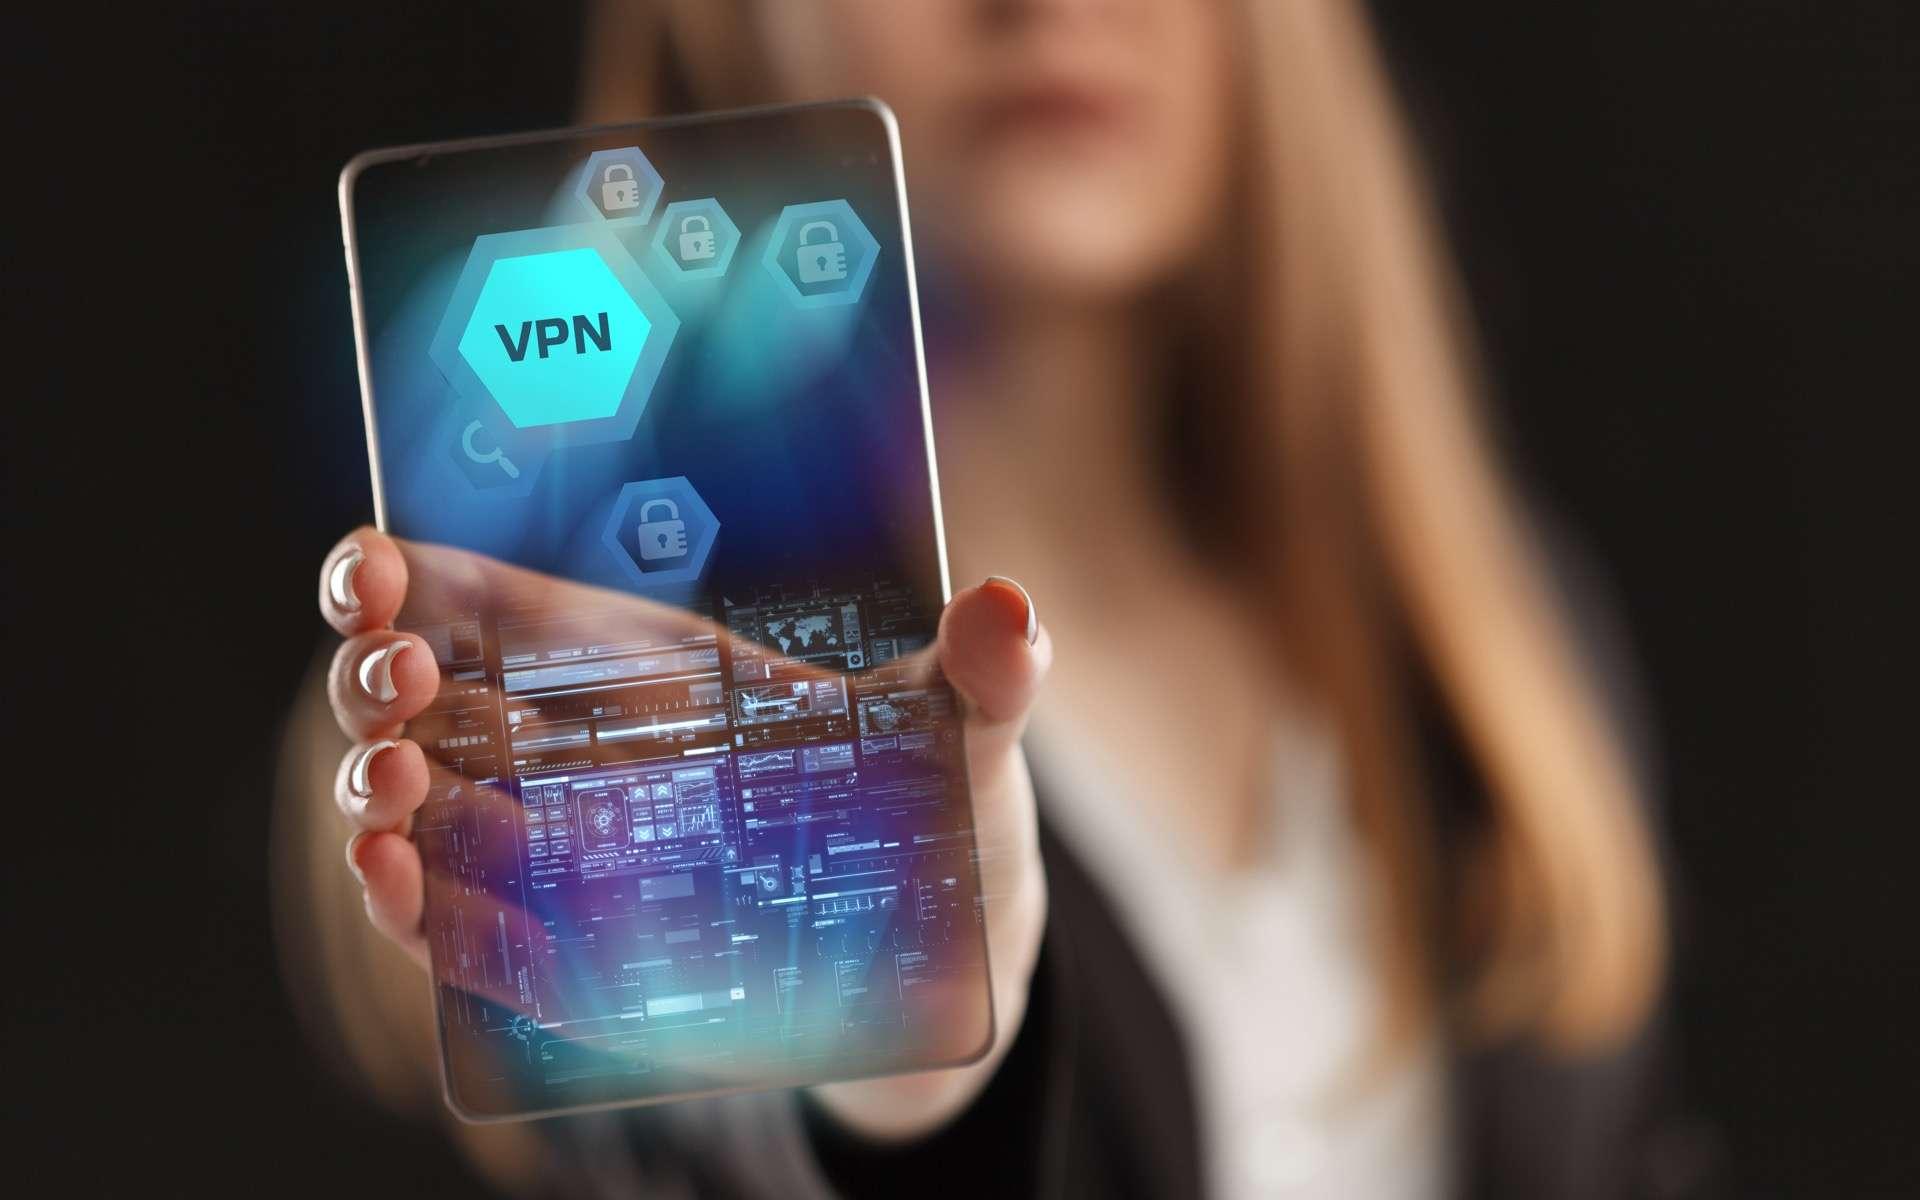 Le VPN, une protection efficace pour surfer sur le Web. © Egor, Adobe Stock